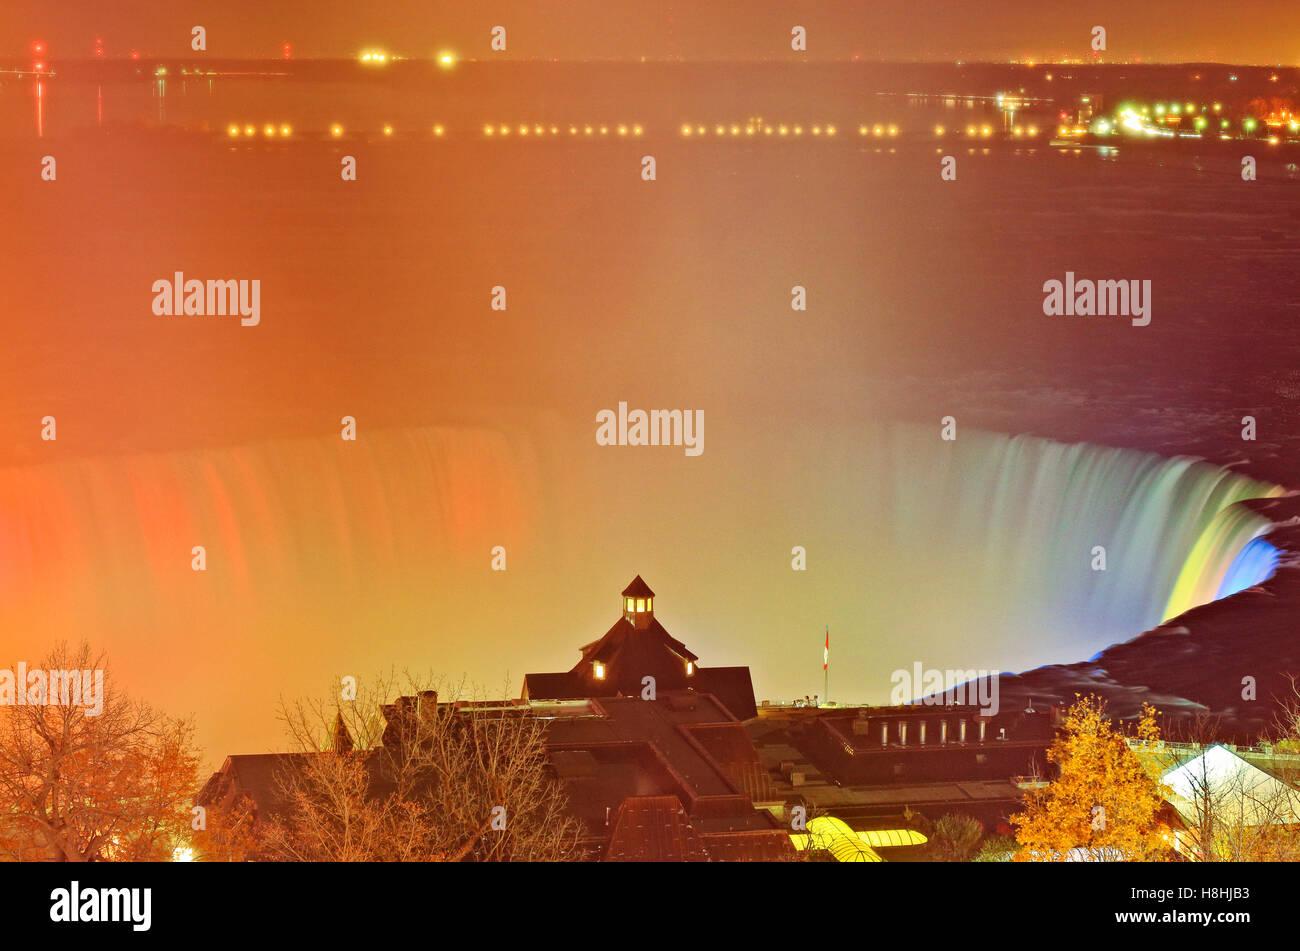 Luftaufnahme von Niagara Falls Beleuchtung Licht-Show der grand Horseshoe Falls und Table Rock Welcome Centre auf Stockbild